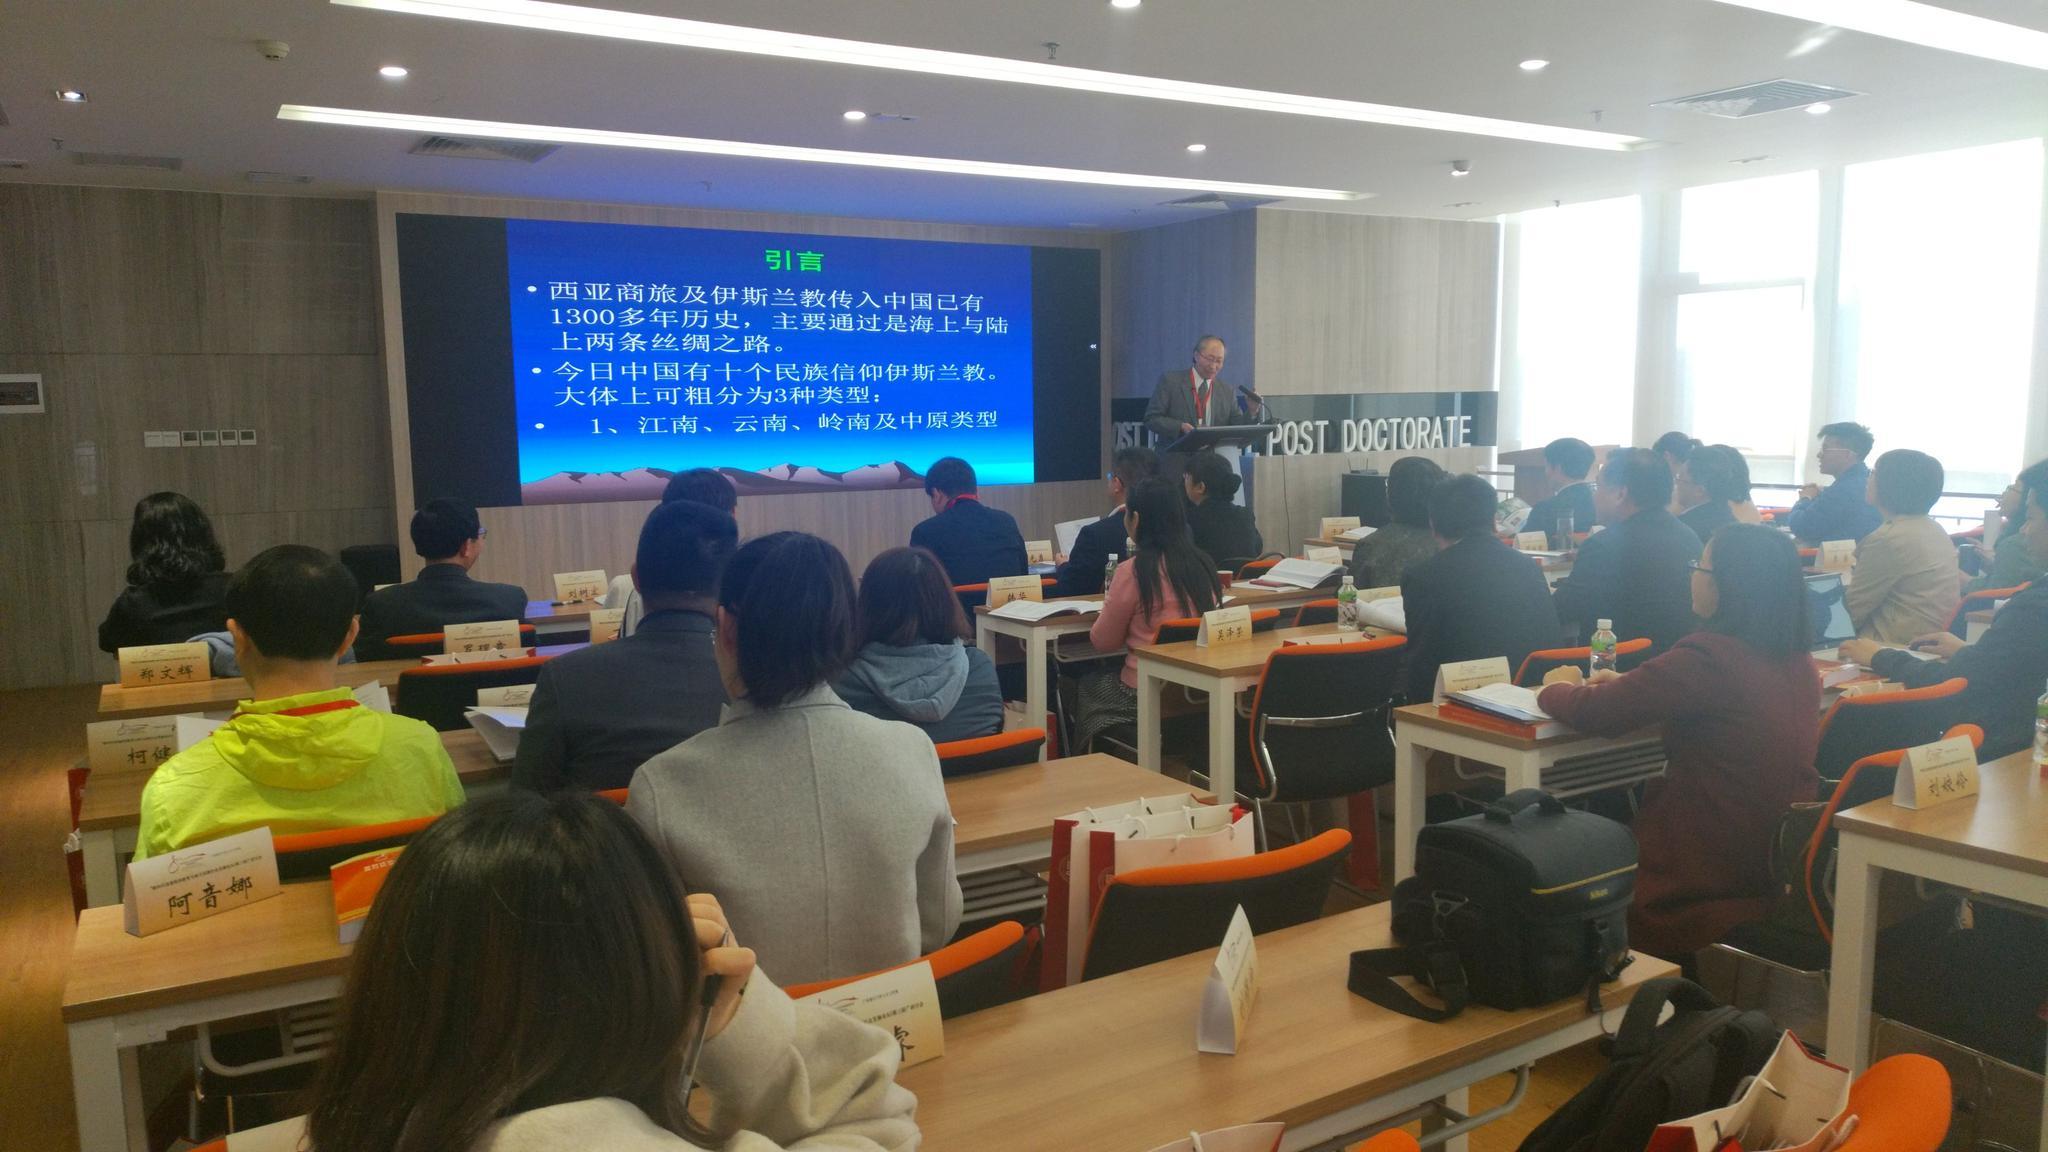 江门举办多层次人才论坛 吸引高端人才到江门创新创业